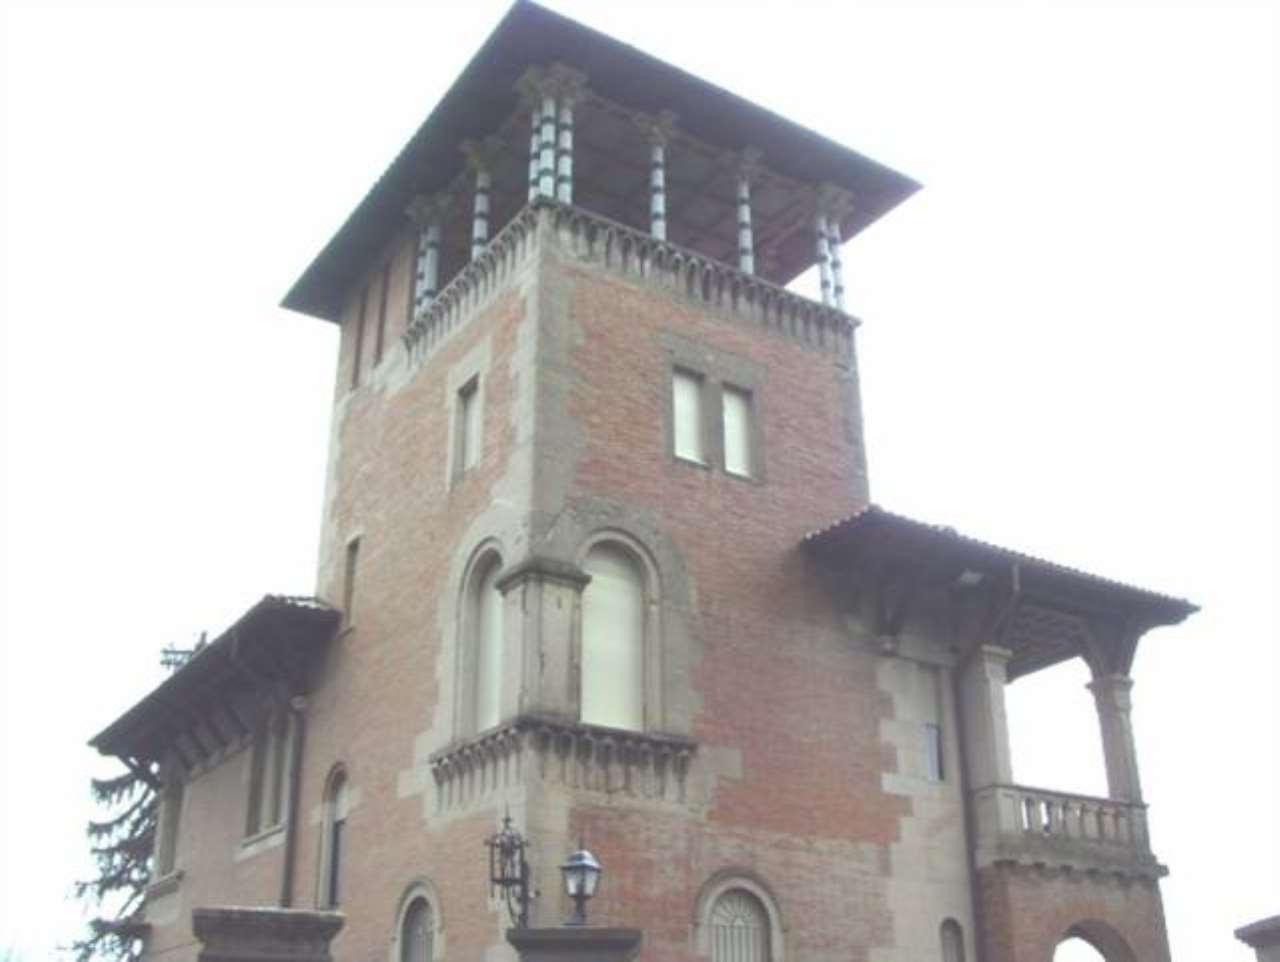 Palazzo / Stabile in vendita a San Vito Romano, 6 locali, prezzo € 1.450.000 | CambioCasa.it